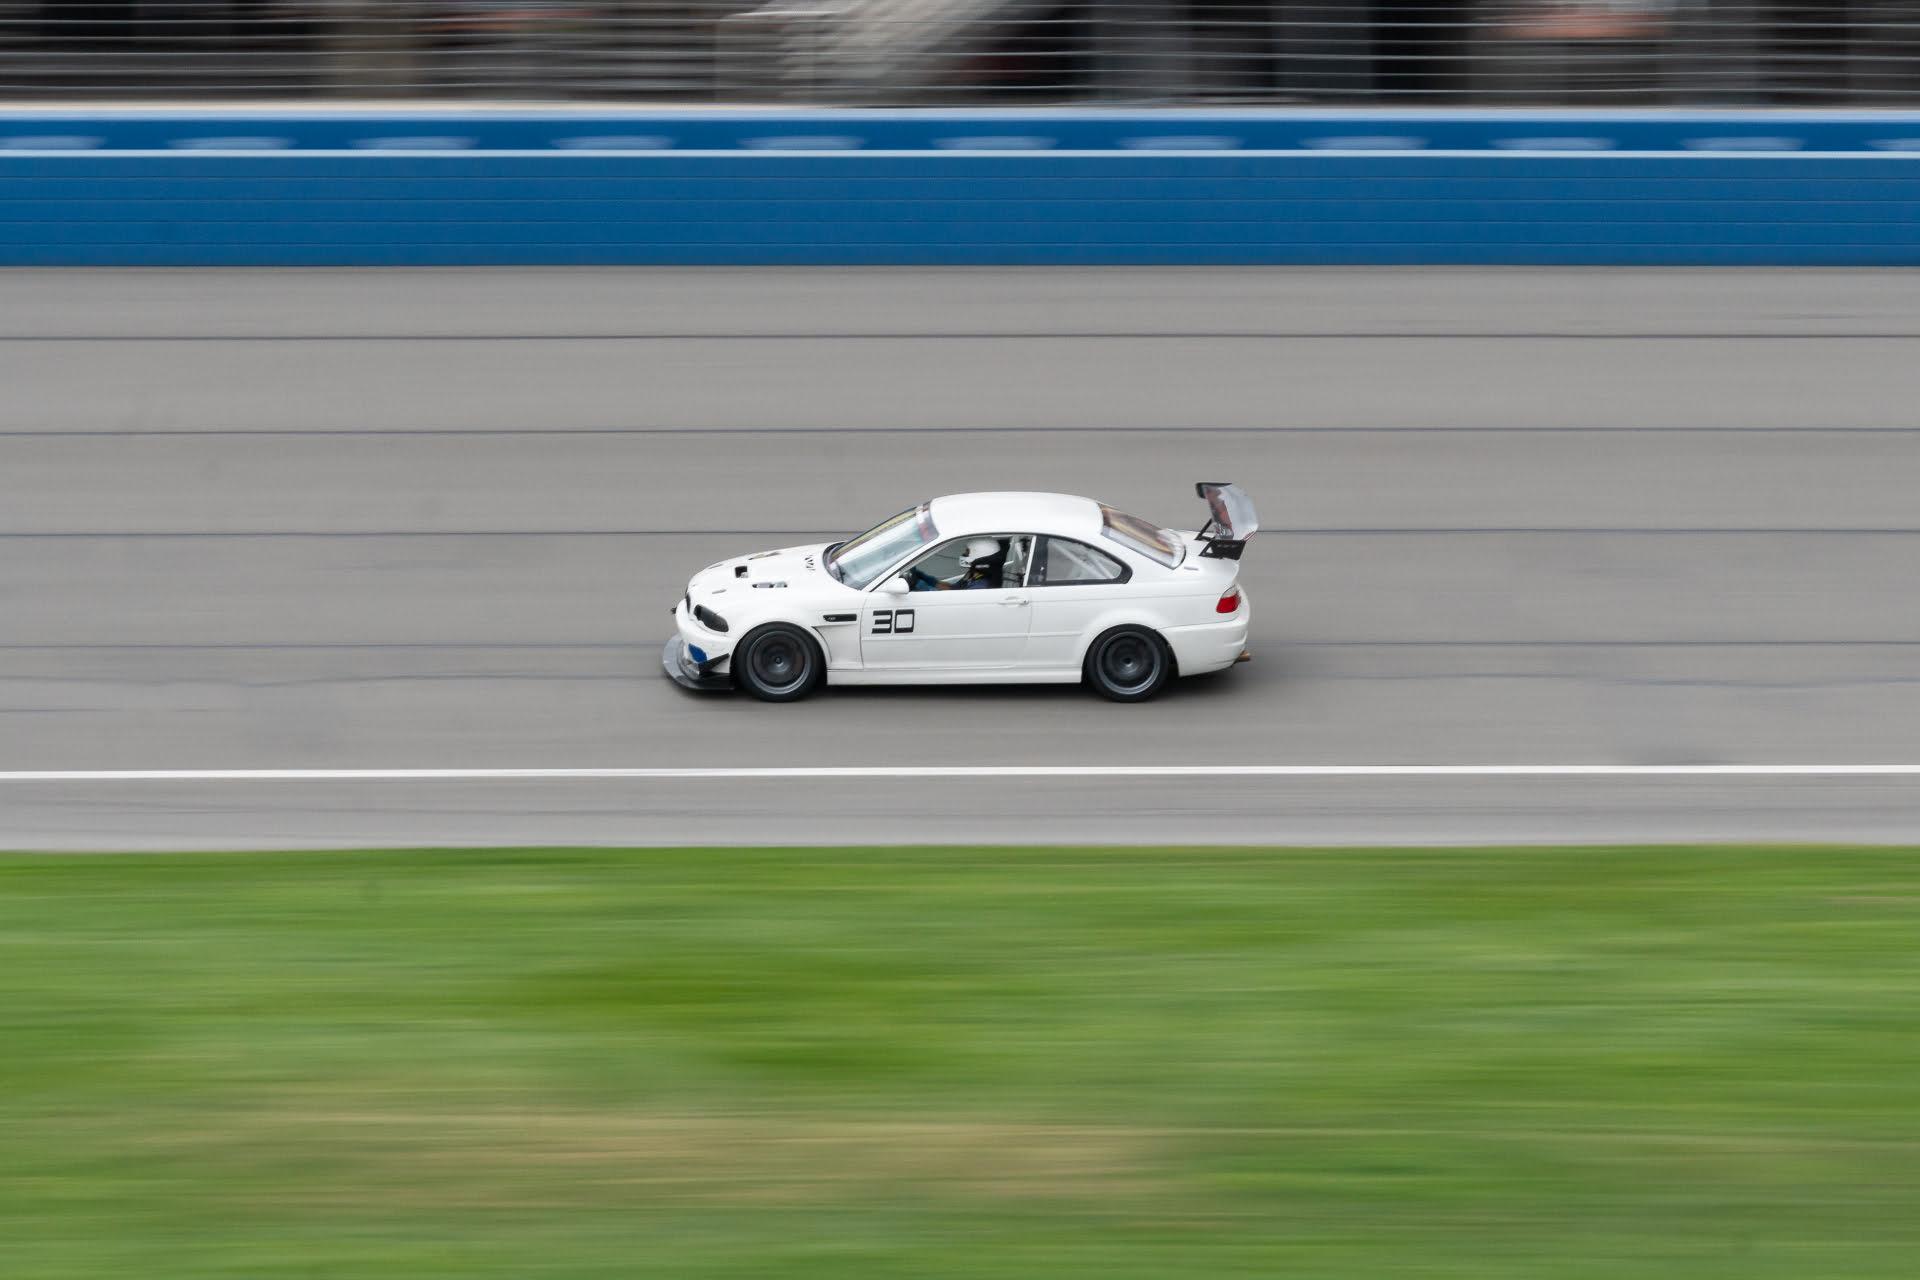 BIMMER CHALLENGE - Auto Club Speedway